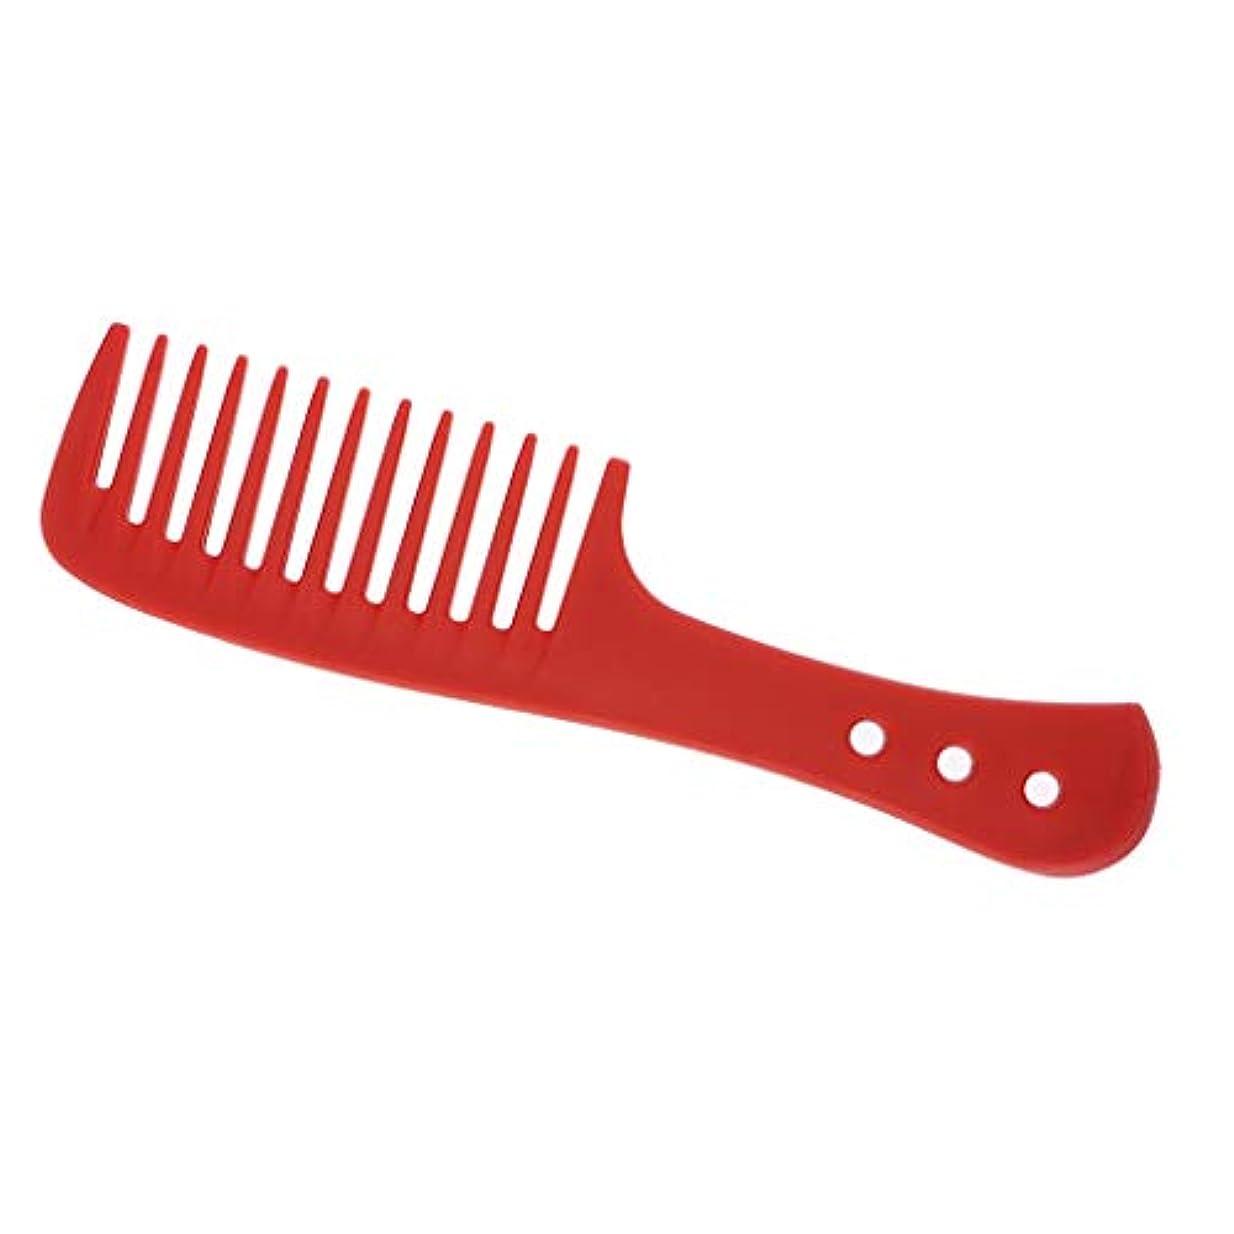 ロゴ表現実行櫛 ヘアブラシ ヘアコーム 広い歯 耐久性 耐熱性 帯電防止 4色選べ - 赤